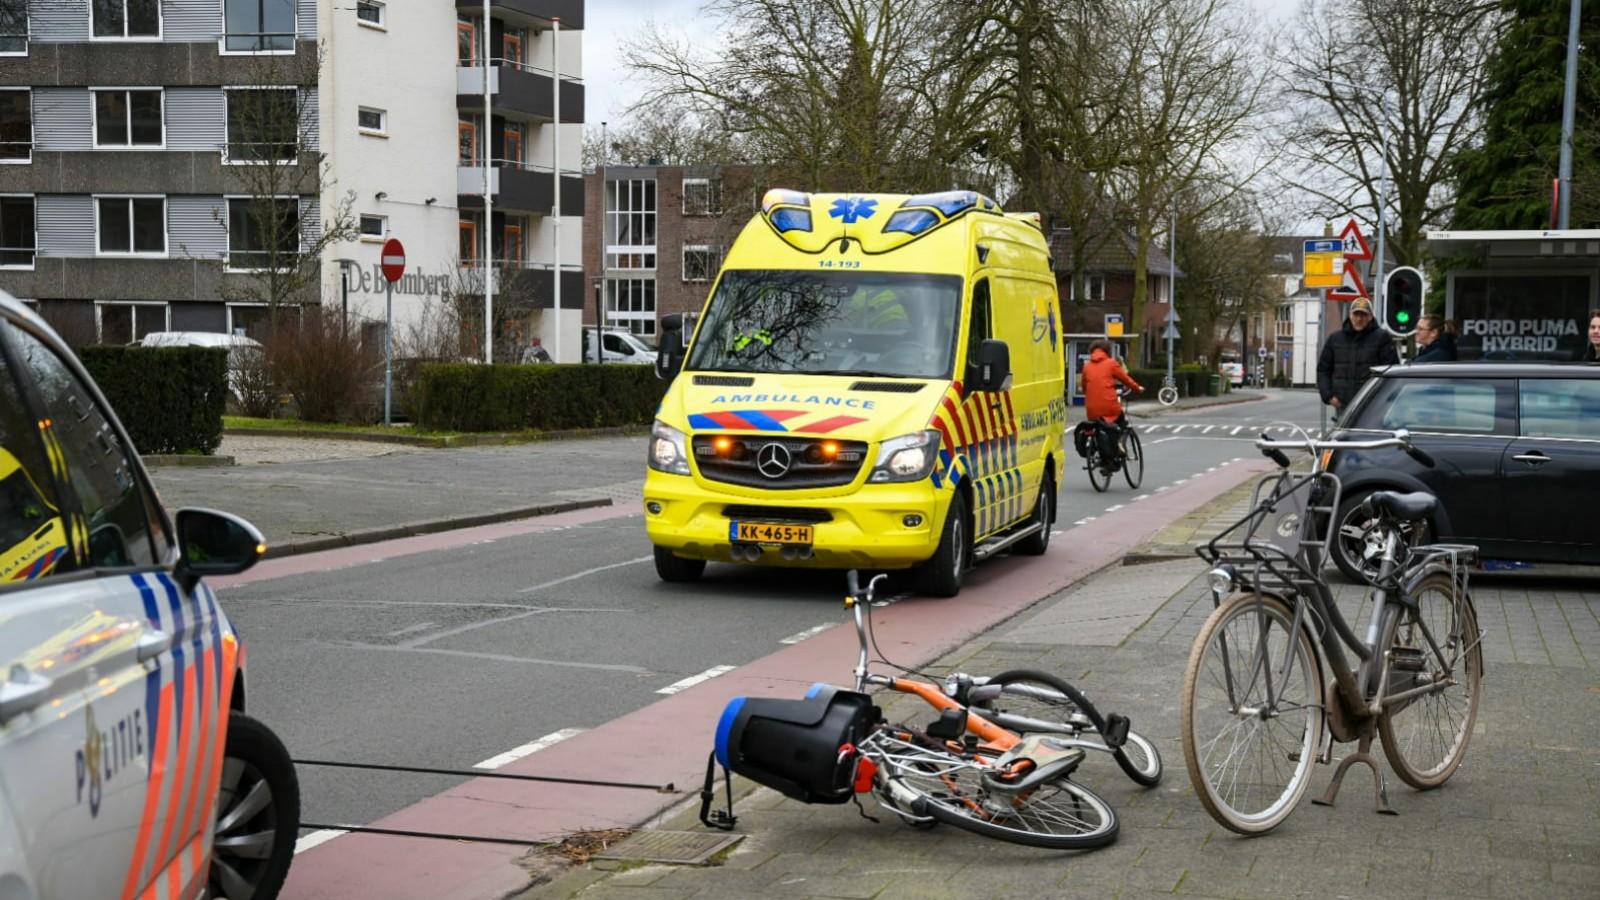 Vrouw gewond op straat na ongeluk in Hilversum